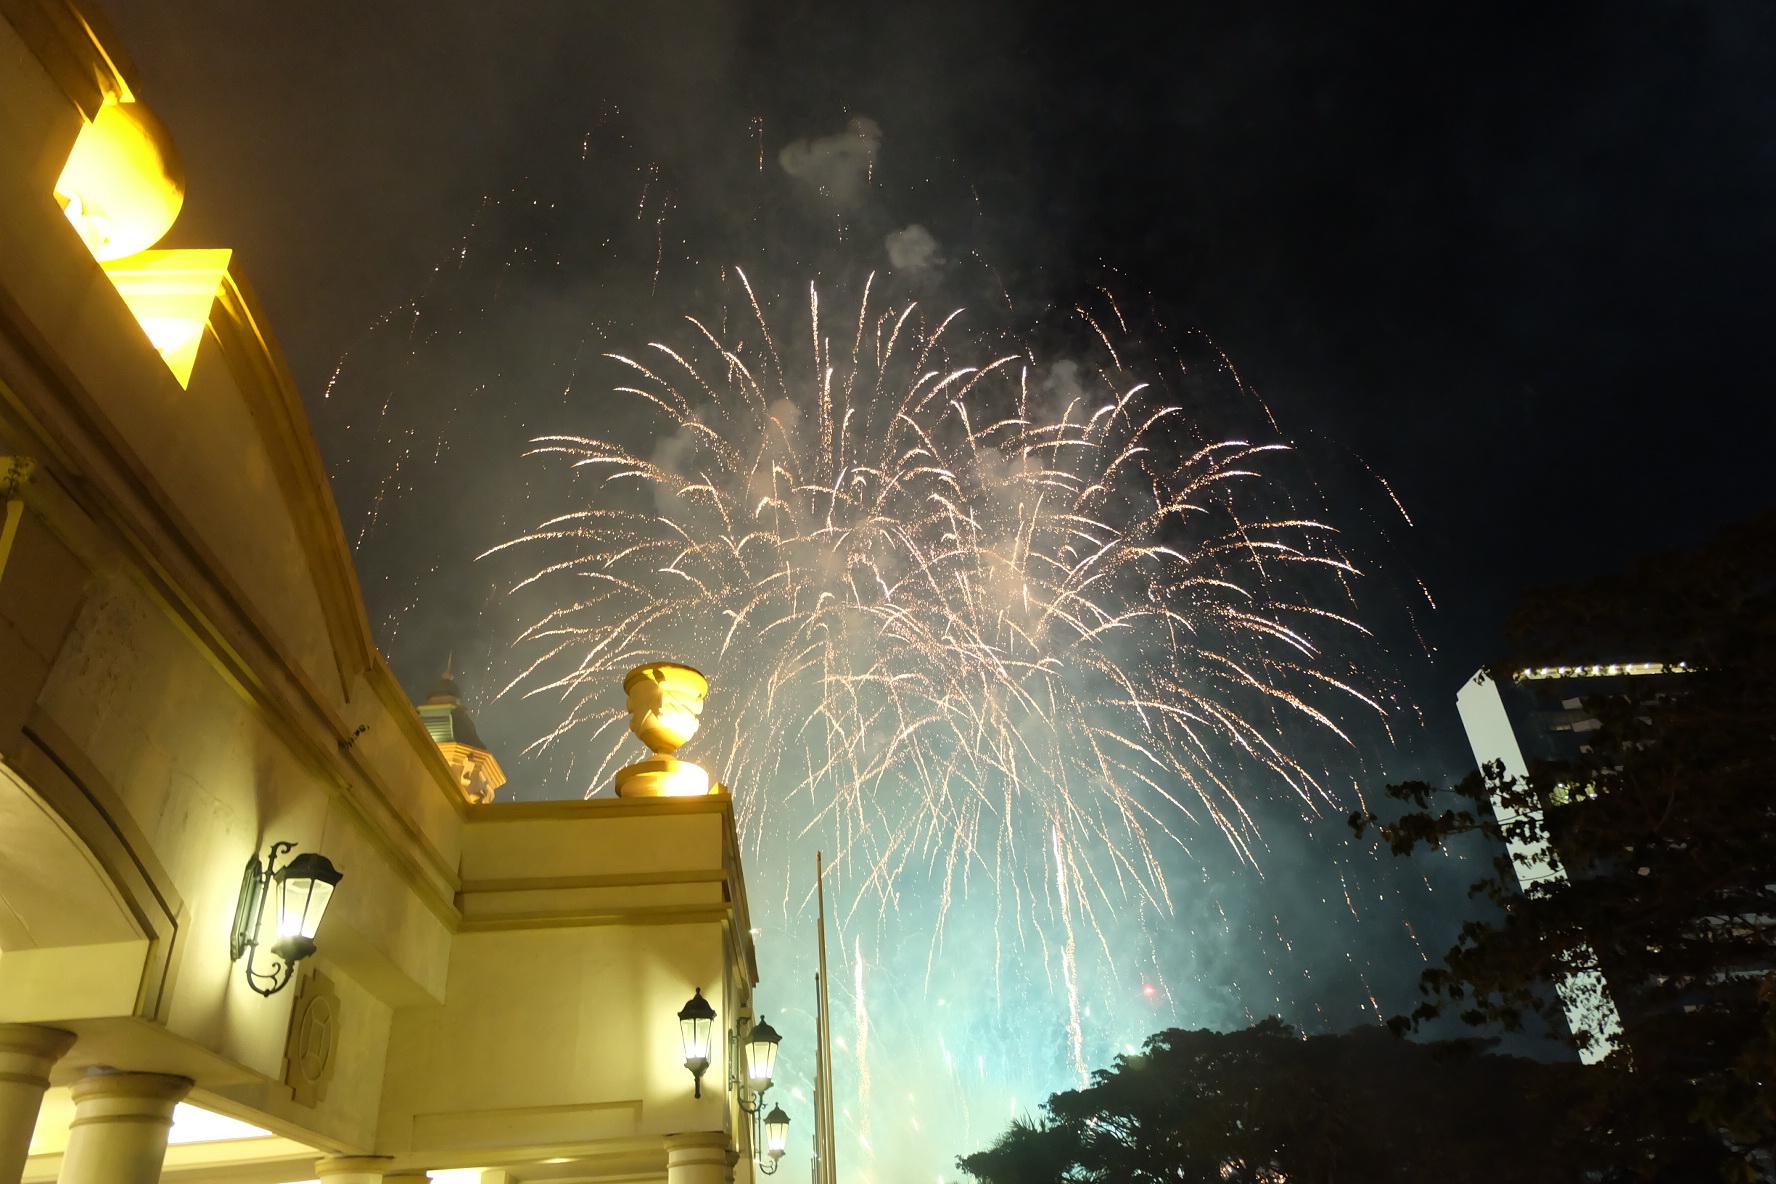 Chinese New Year at Cebu Waterfront Hotel and Casino - iamkimcharlie02